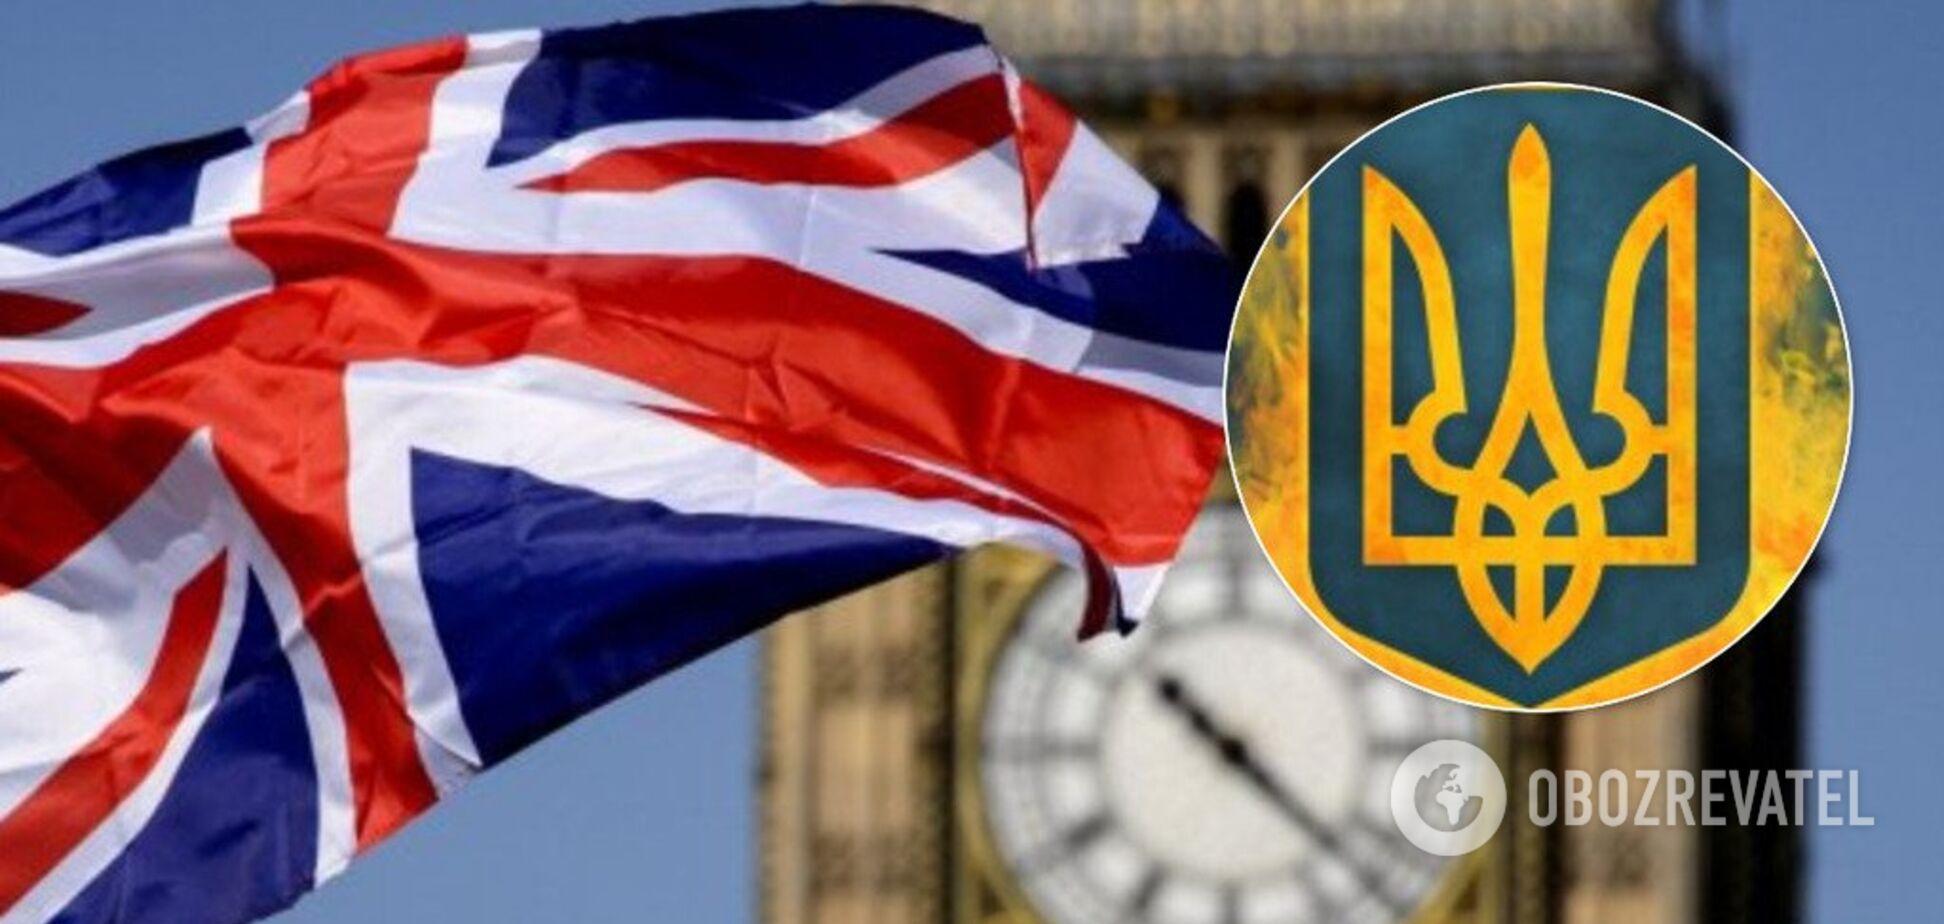 'Когда уберете тризуб?!' Украина выдвинула Британии жесткое требование